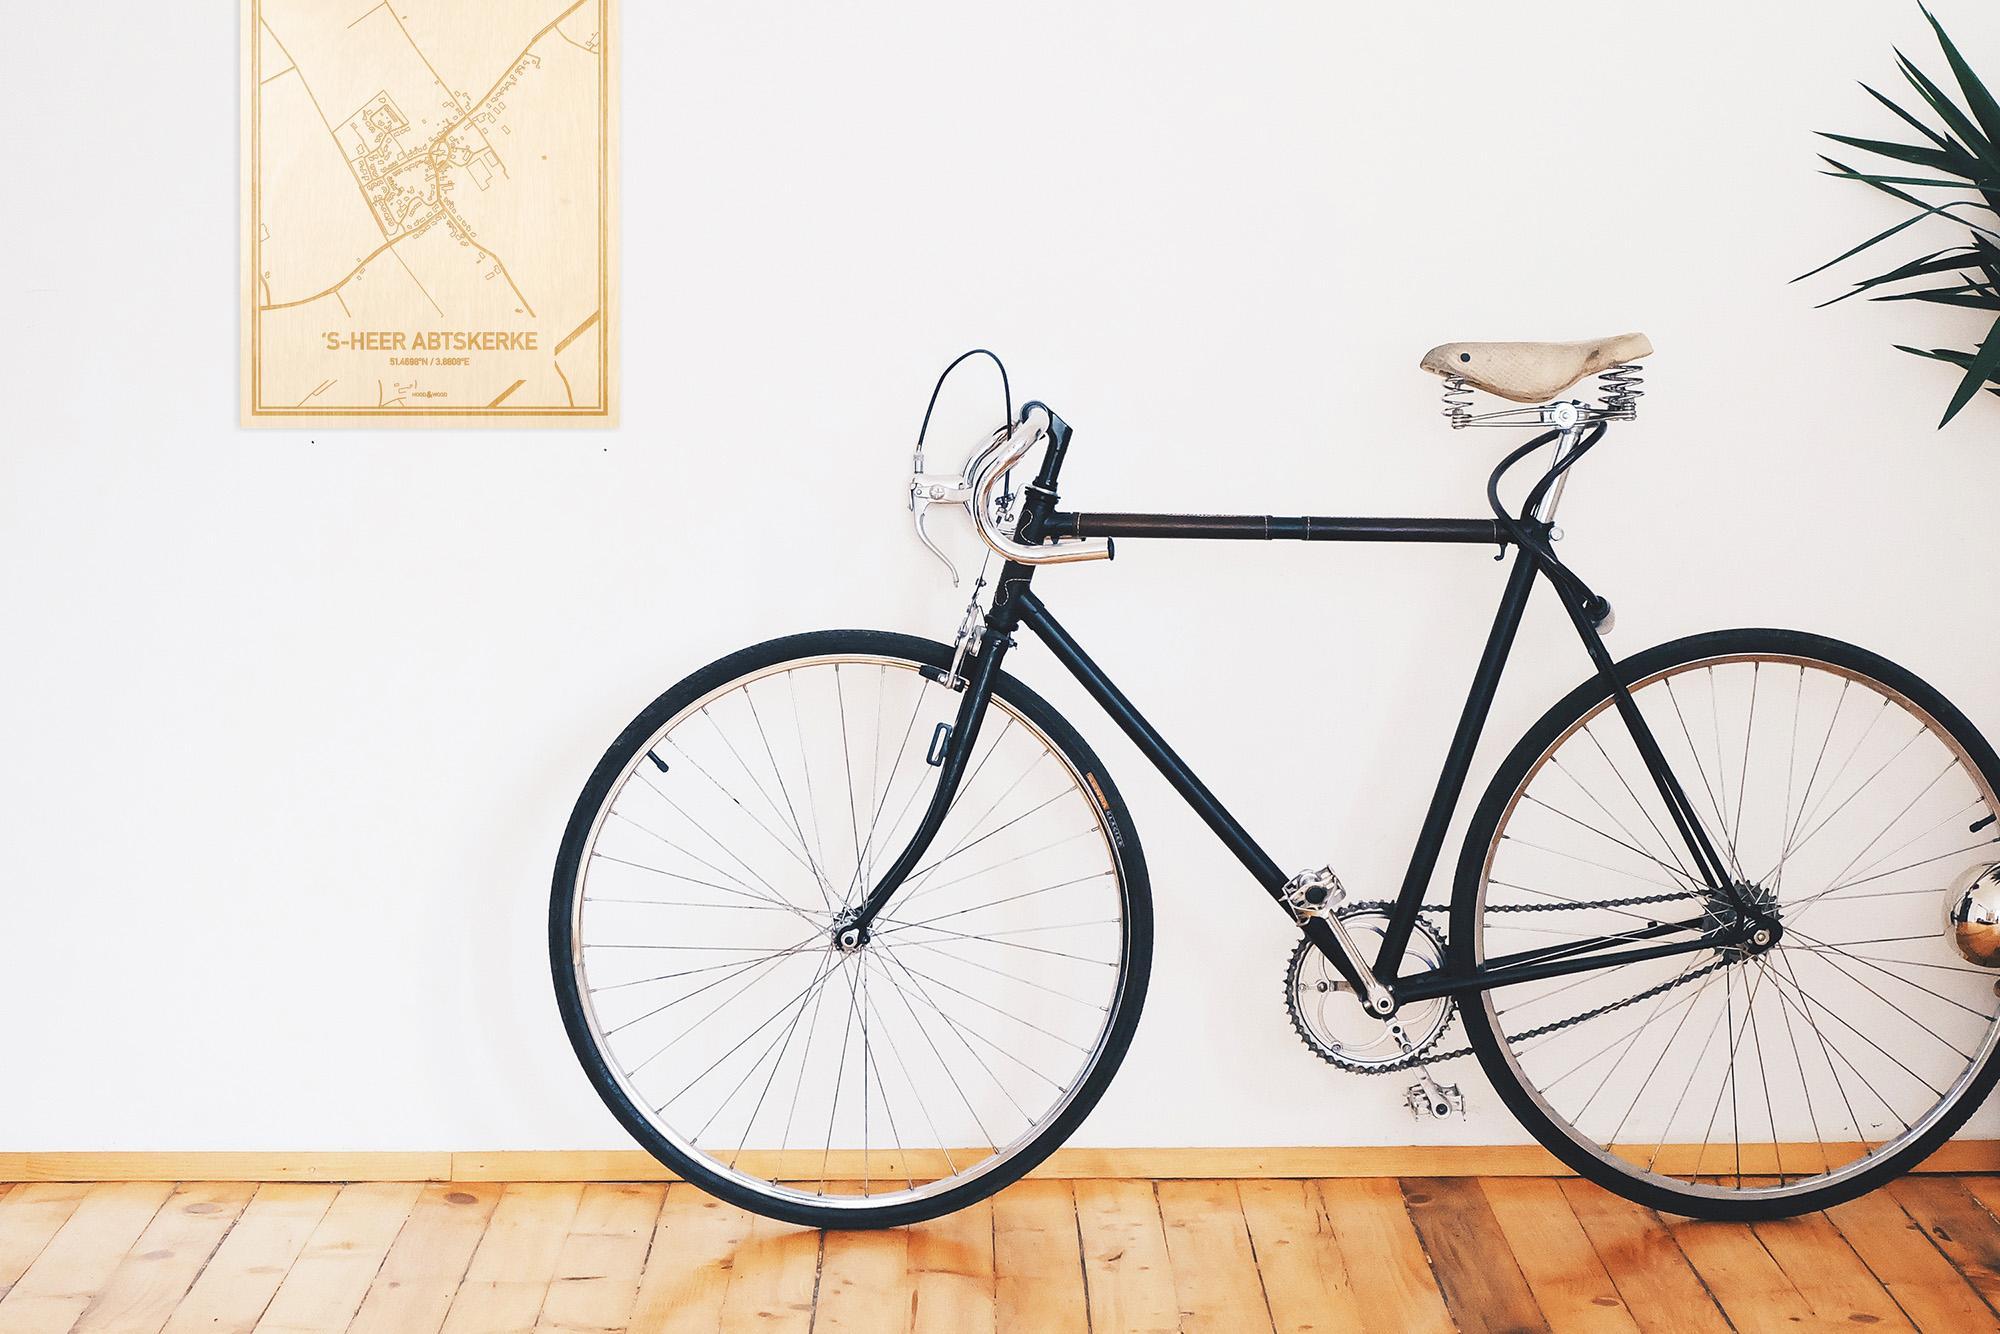 Een snelle fiets in een uniek interieur in Zeeland met mooie decoratie zoals de plattegrond 's-Heer Abtskerke.